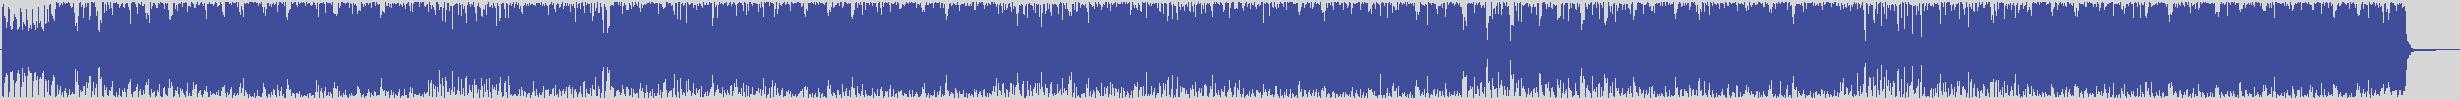 smilax_dig_records [Smilax_X448DIG] Mirko - La Canzone Del Capitano [Original Mix] audio wave form